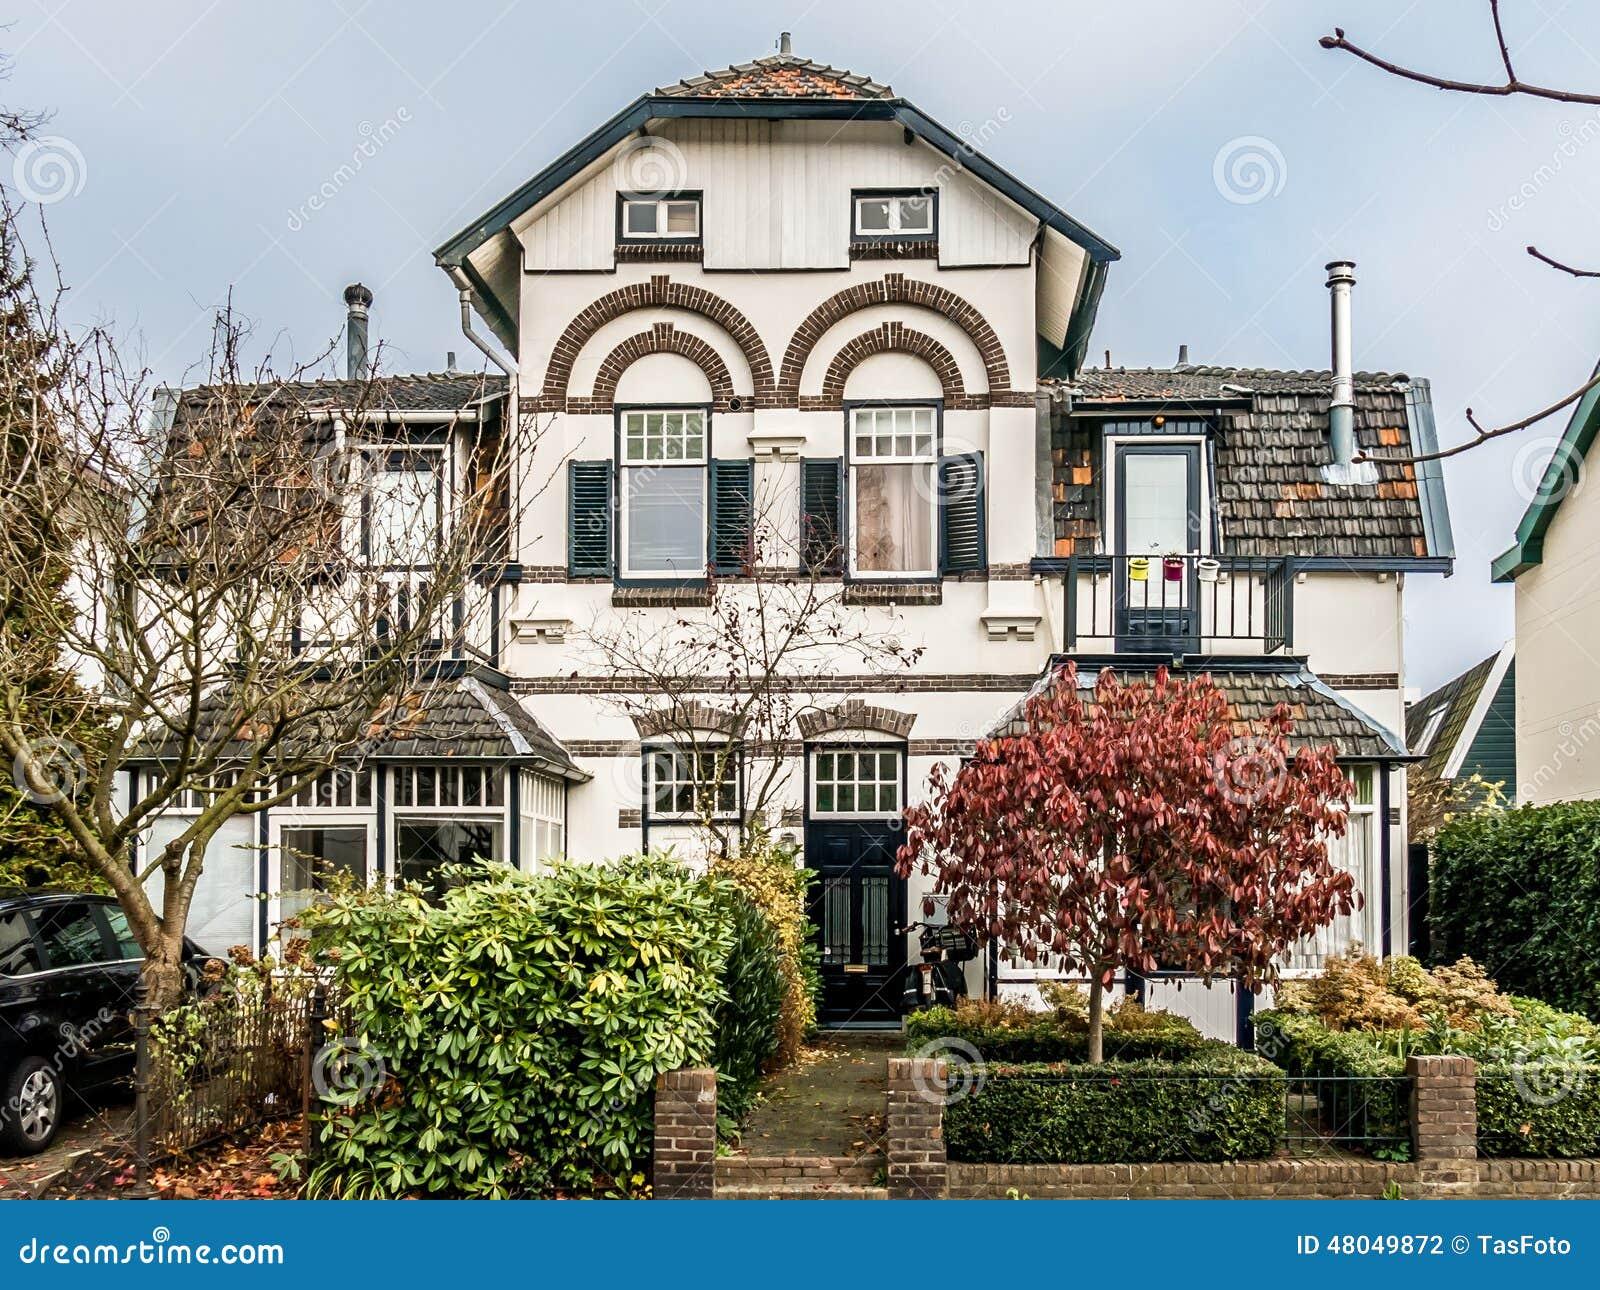 Oud huis in hilversum holland redactionele fotografie afbeelding 48049872 - Oud huis ...